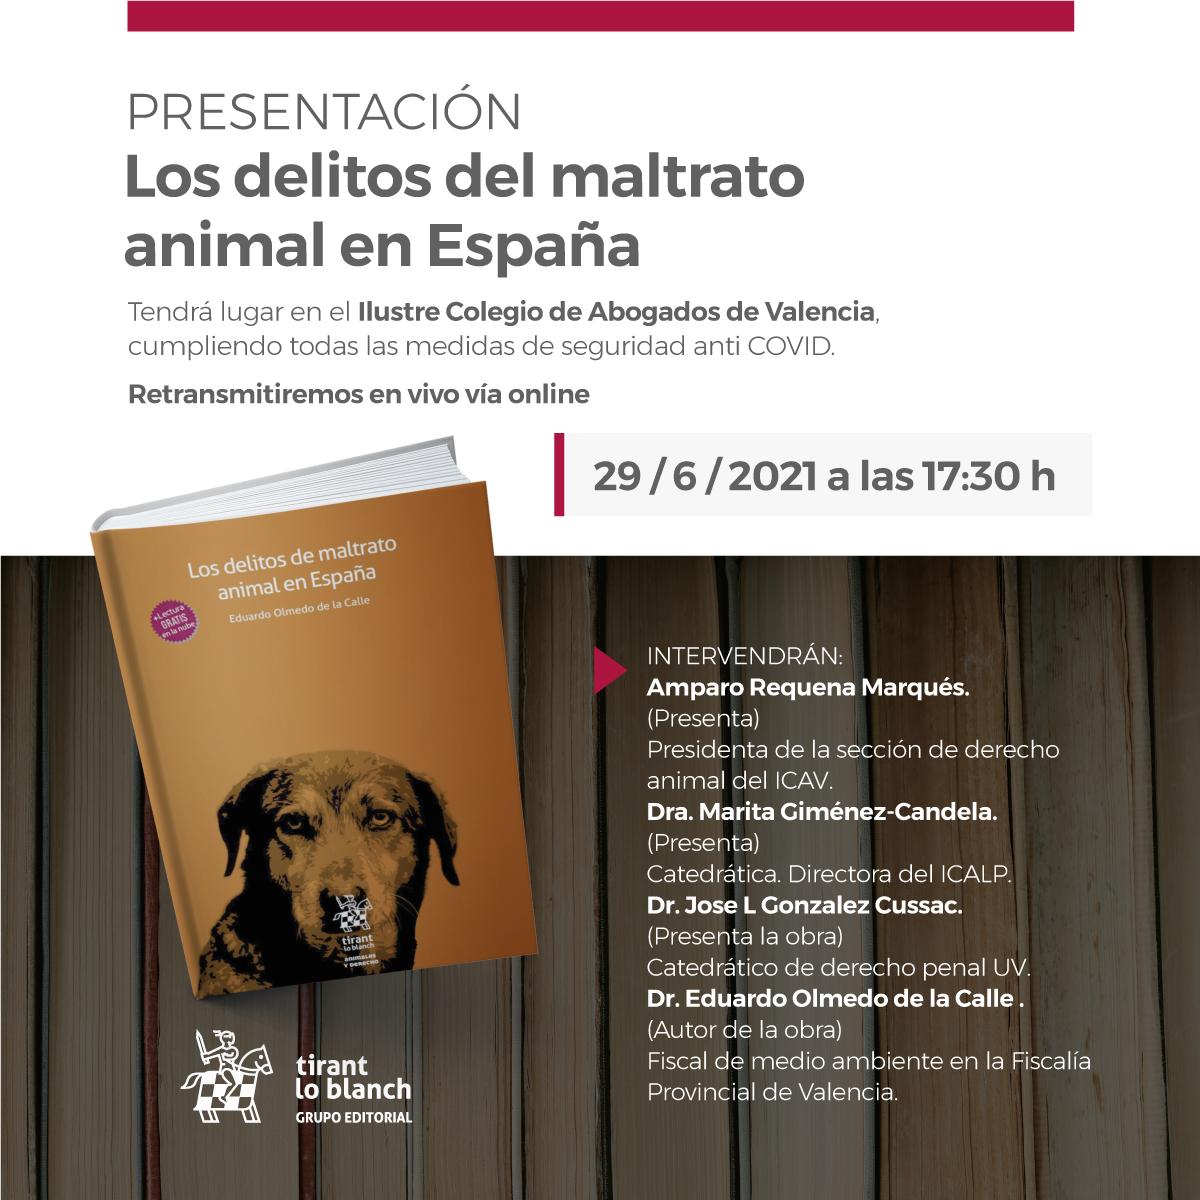 Presentación Los delitos del maltrato animal en España